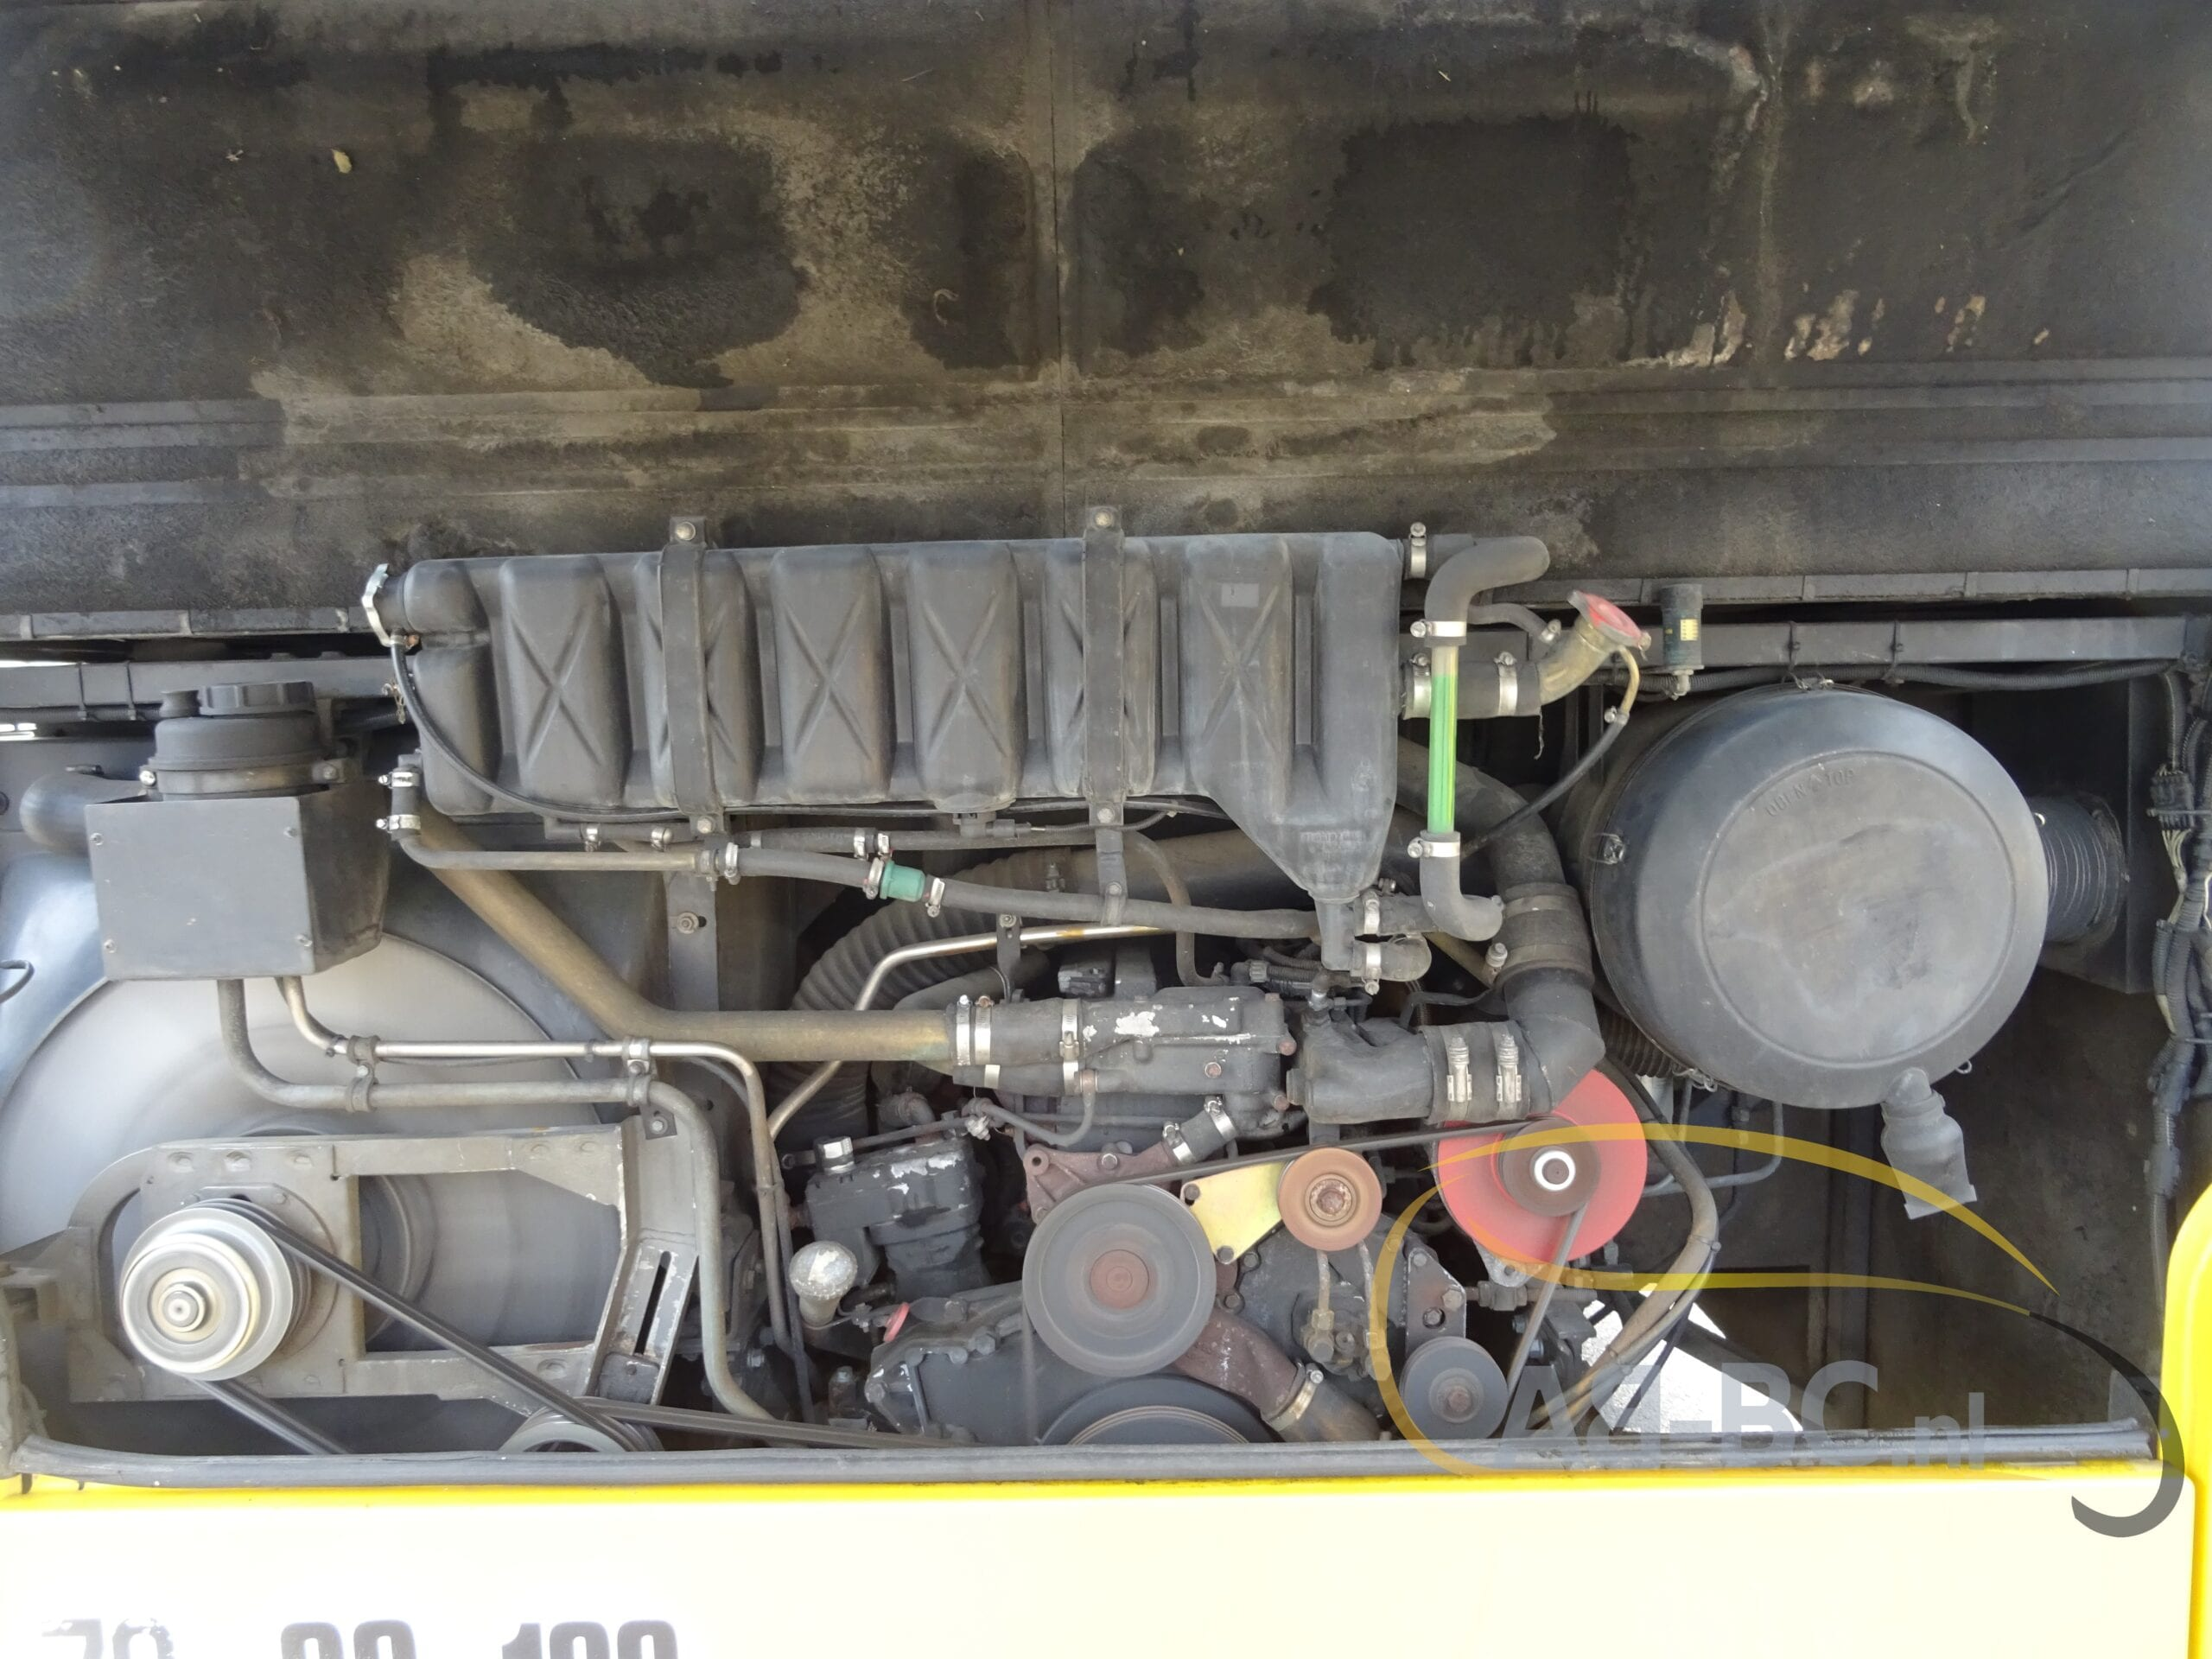 38-AKL-76 22